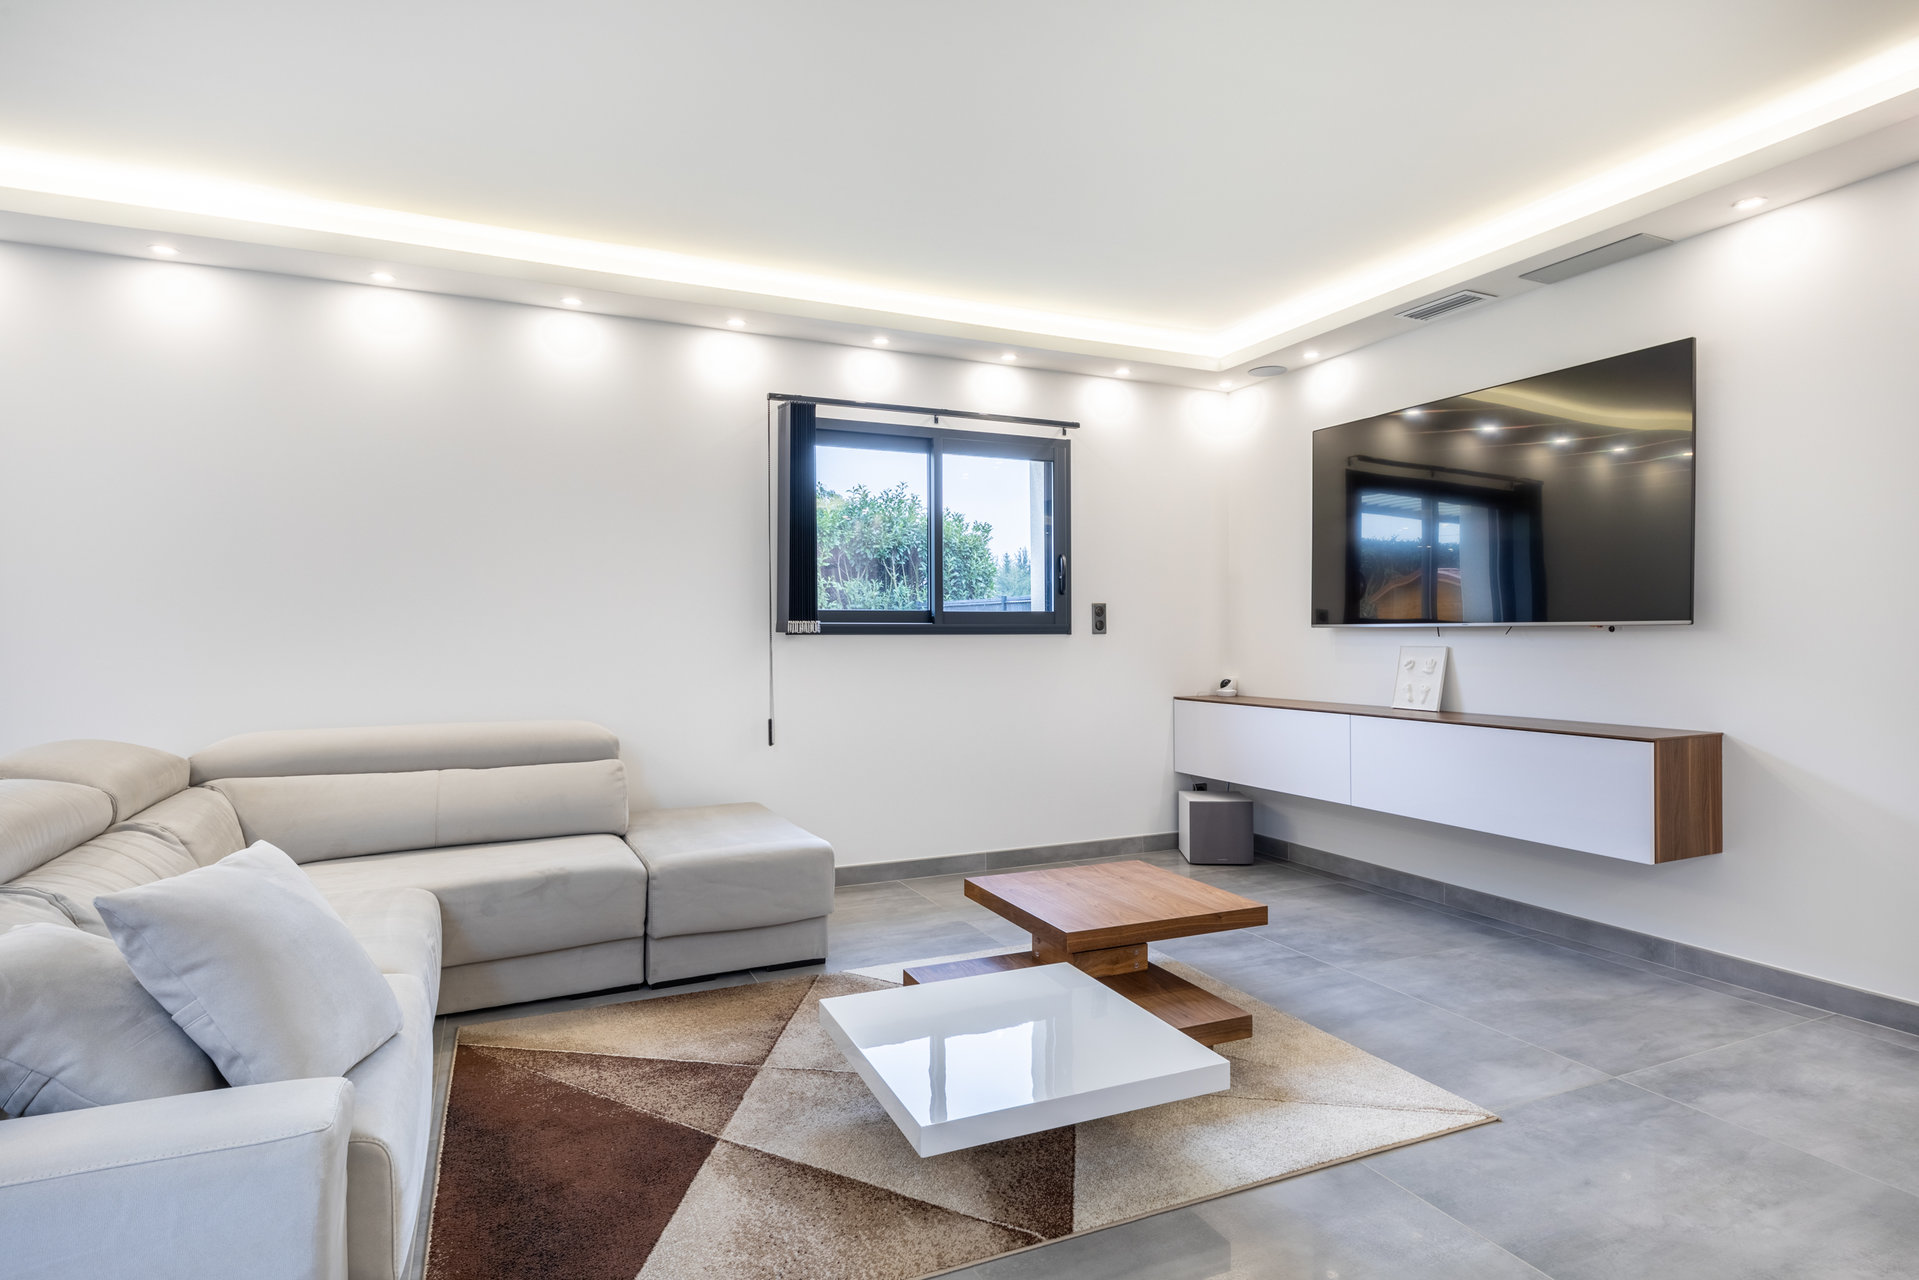 Maison contemporaine de 2018 , Reyrieux